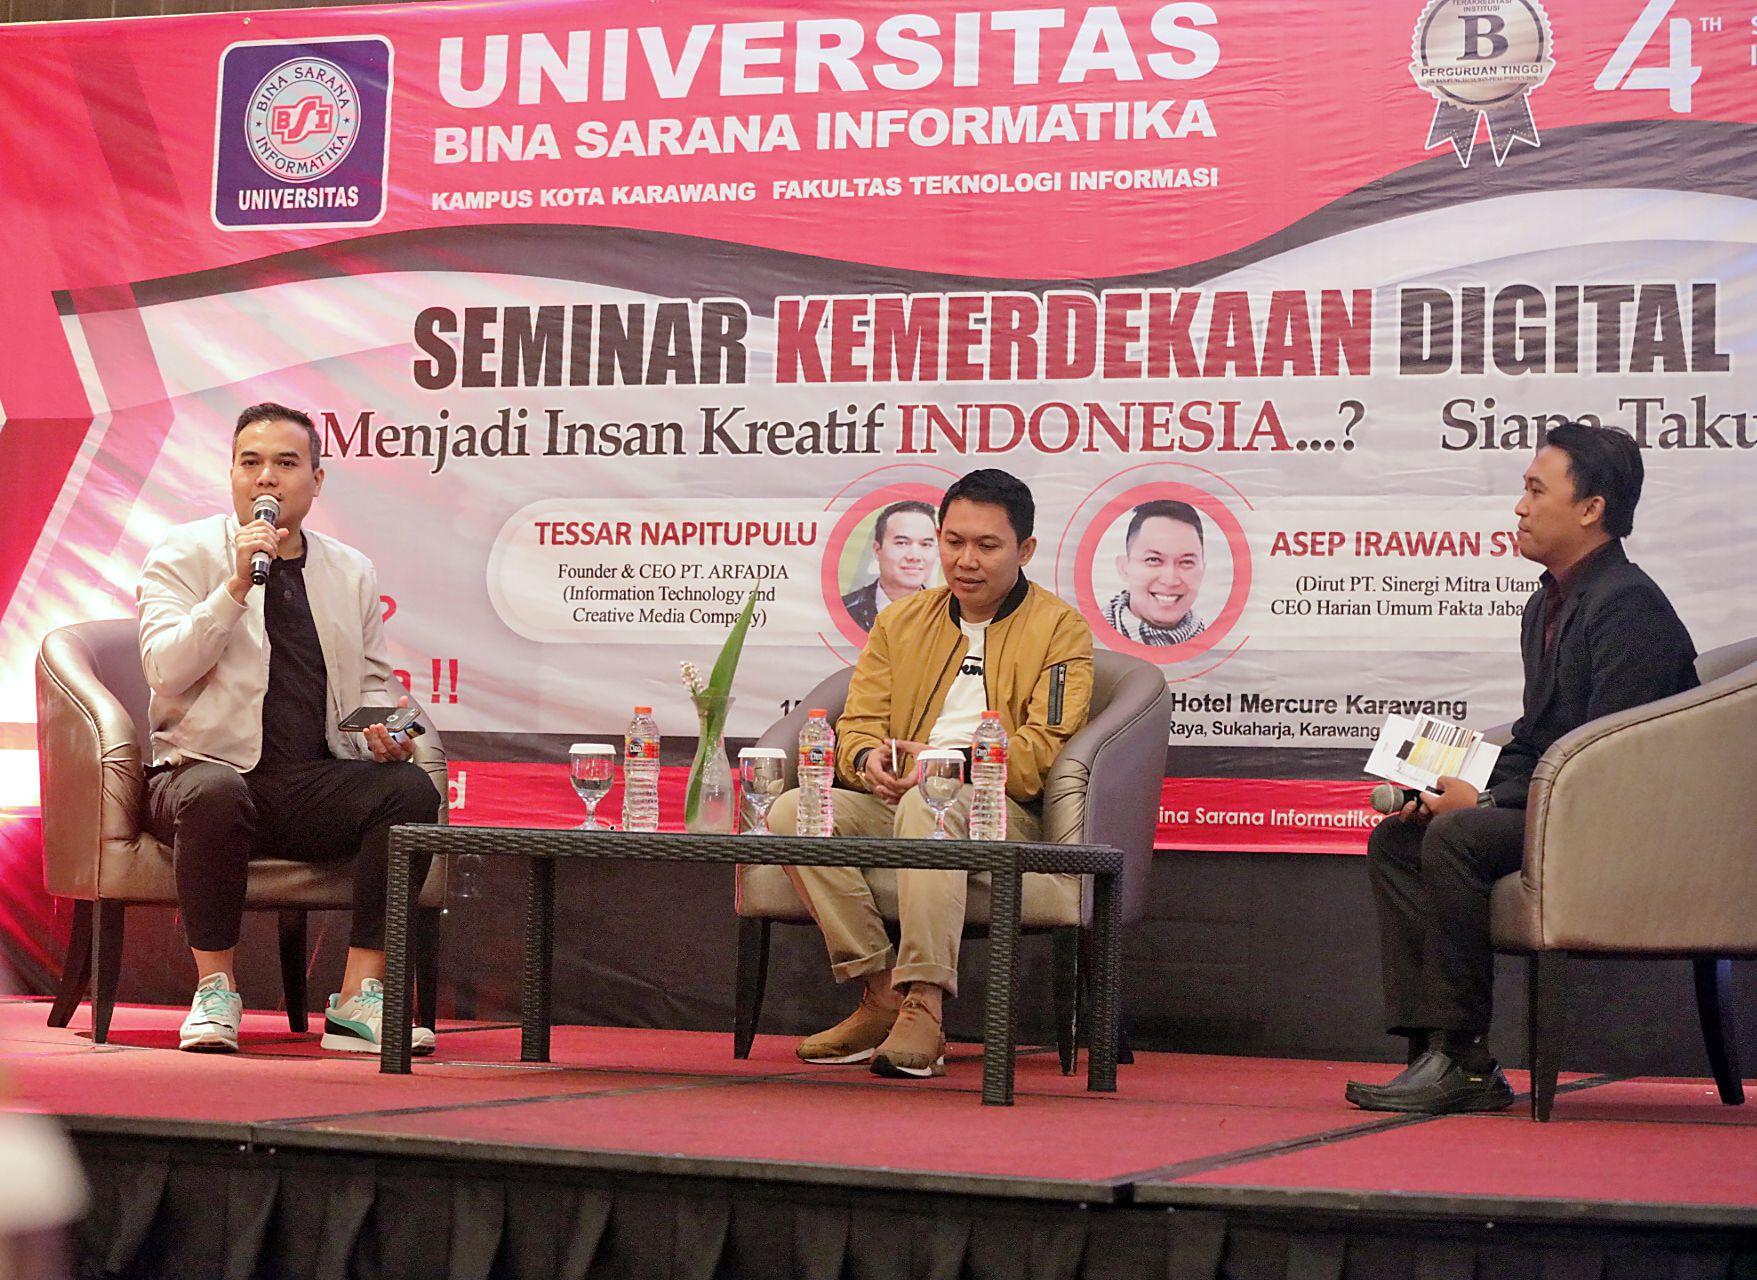 Arfadia-Seminar Kemerdekaan Digital UBSI